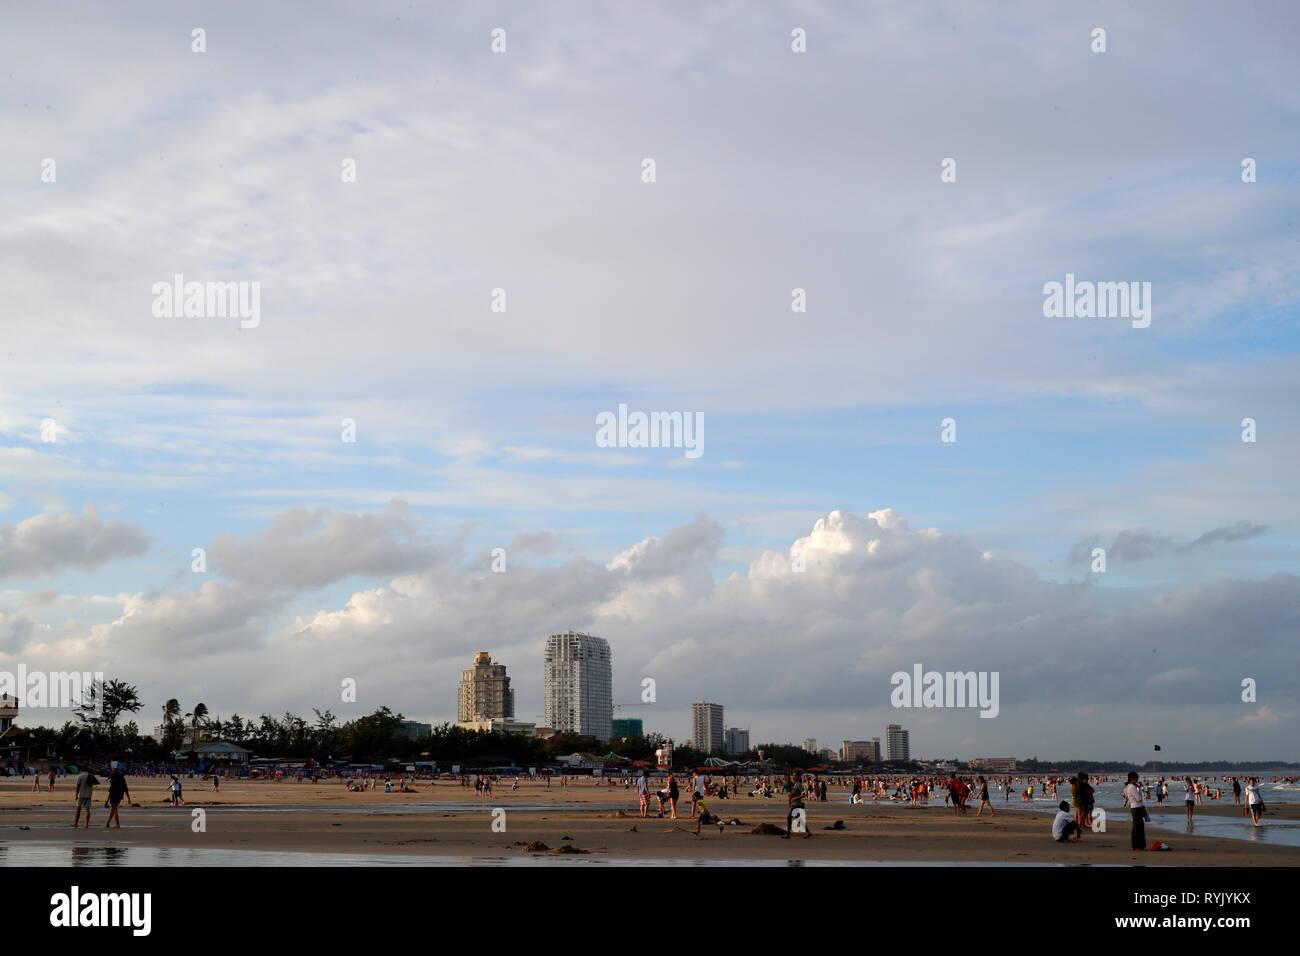 La playa de Vung Tau. Vietnam. Foto de stock